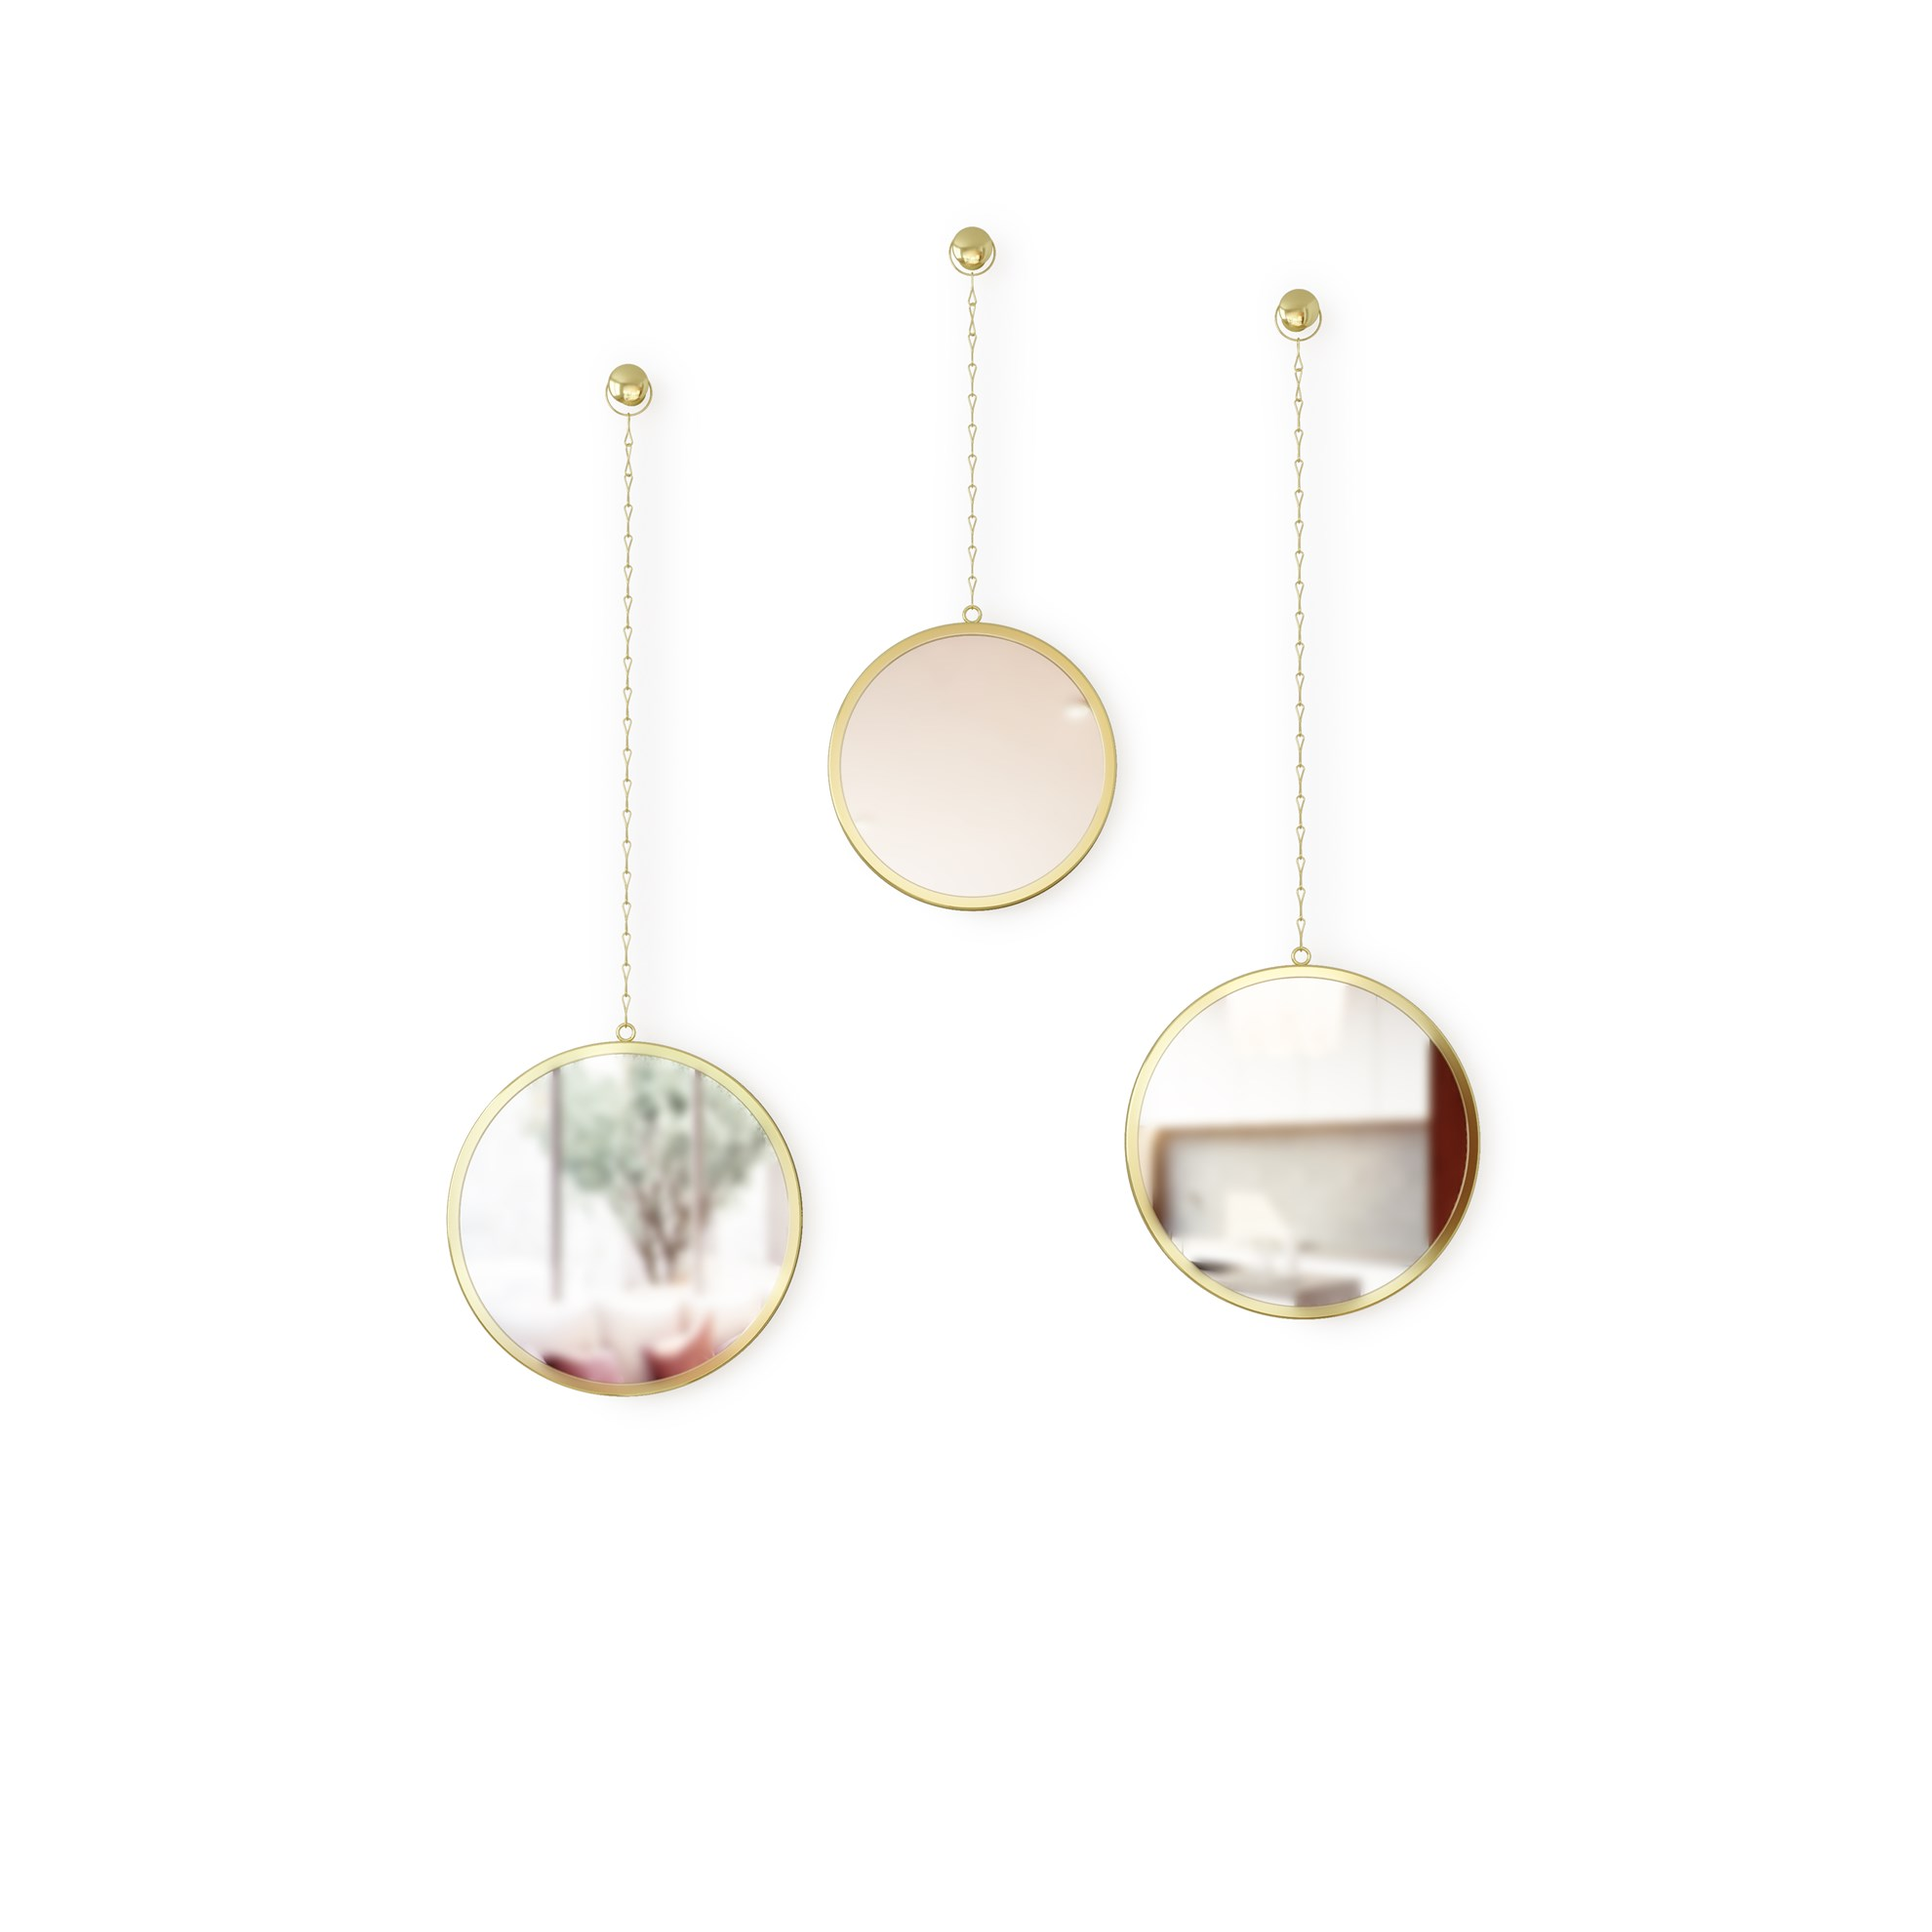 Zrcadlo DIMA set/3ks mosazné_0